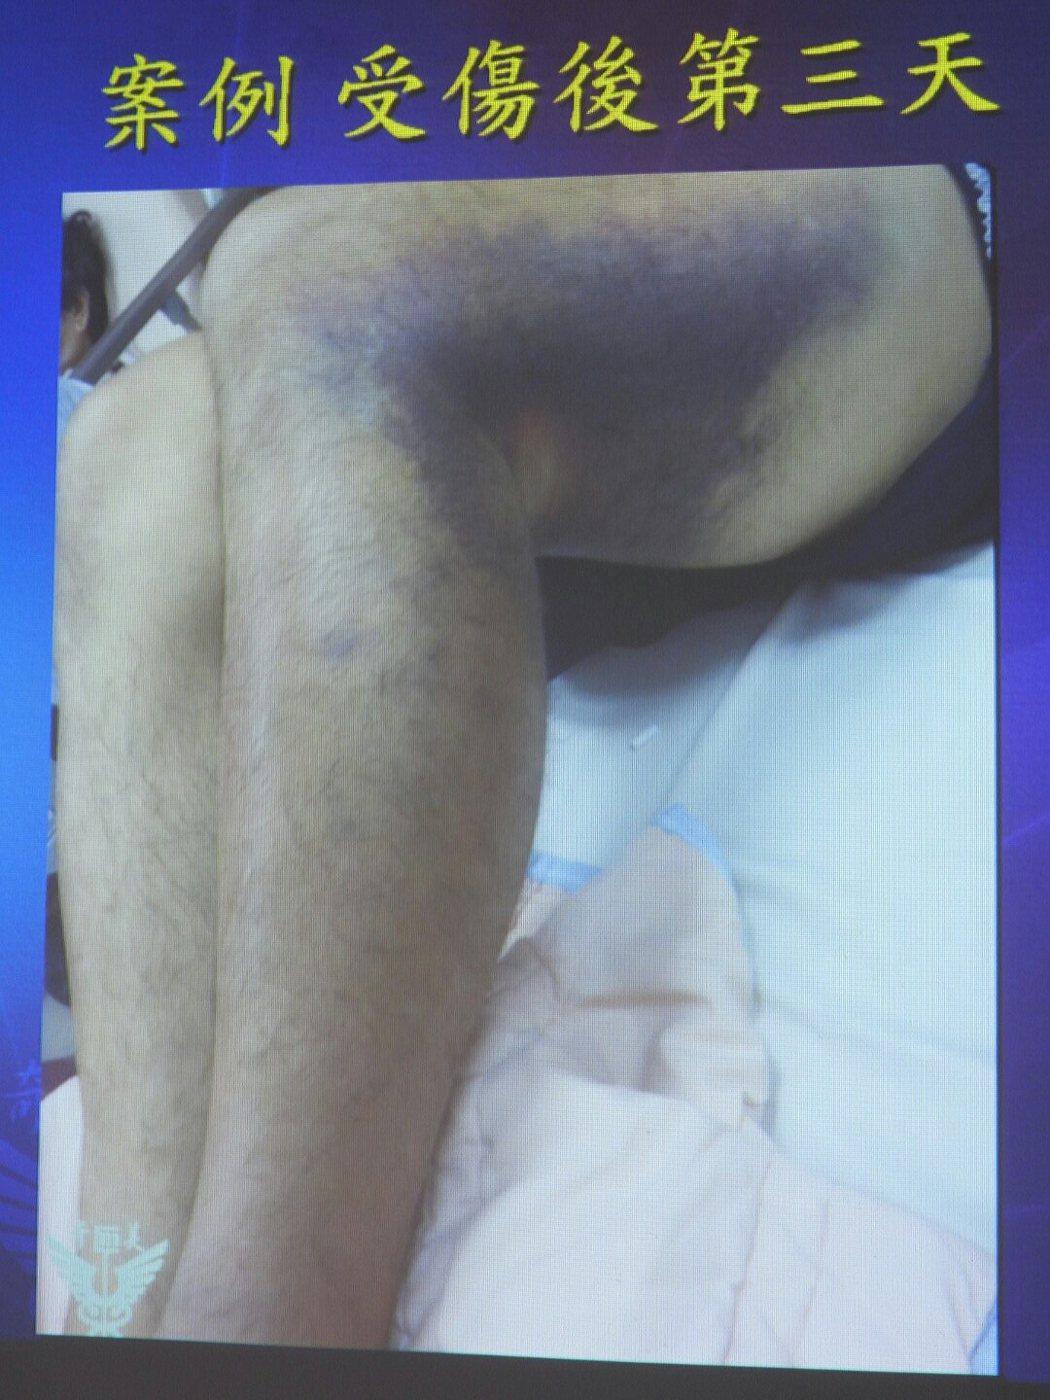 男子車禍後不久小腿動脈斷裂,3天後出現大片瘀青。記者周宗禎/攝影